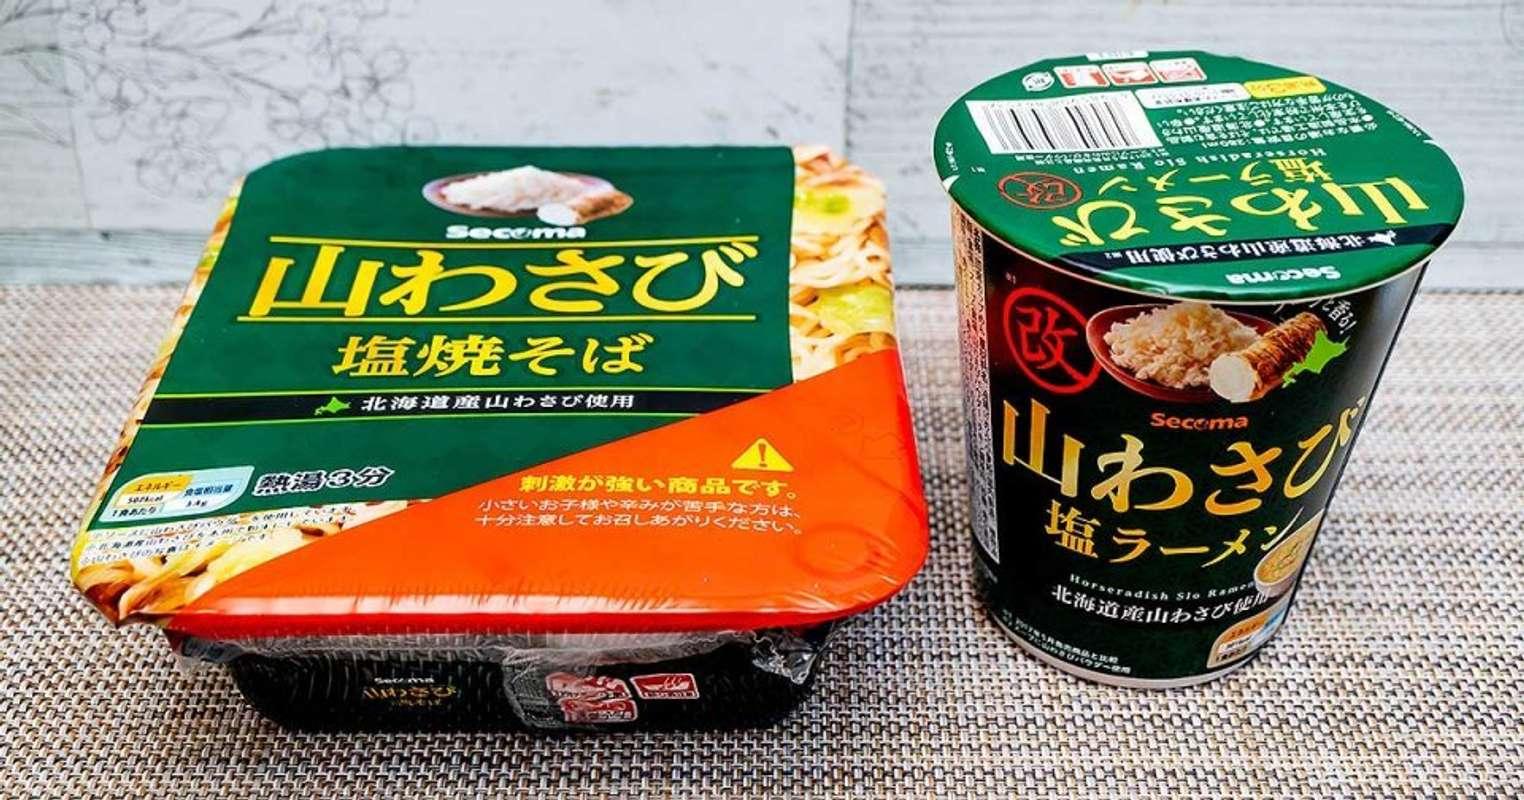 セイコーマート「山わさび塩焼そば」と「山わさび塩ラーメン」